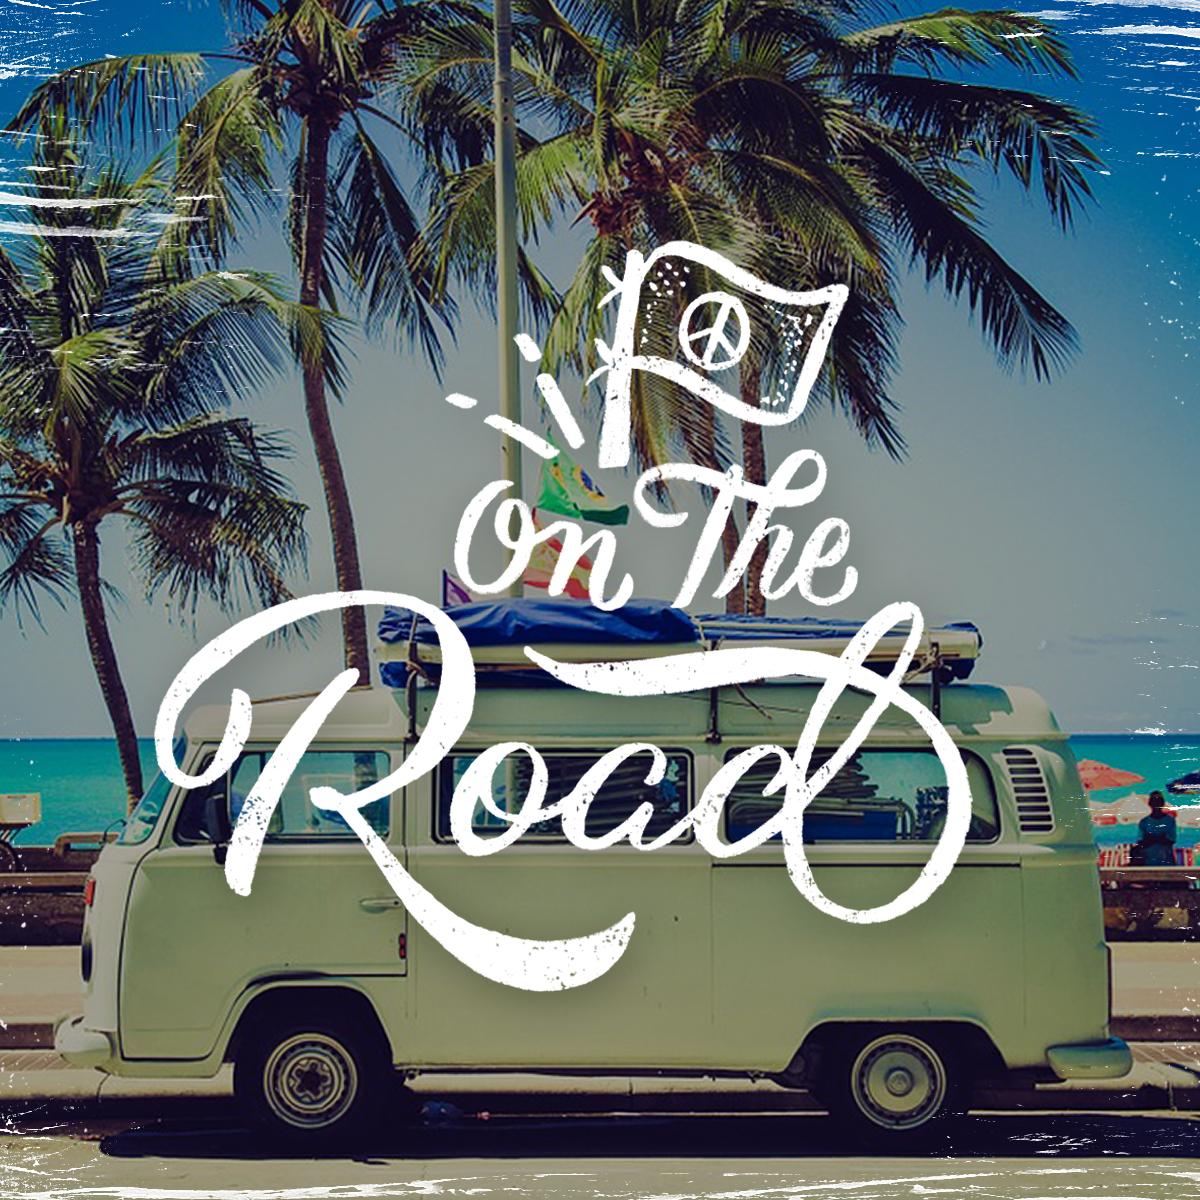 On-the-road-lettering-leo-gomez-studio